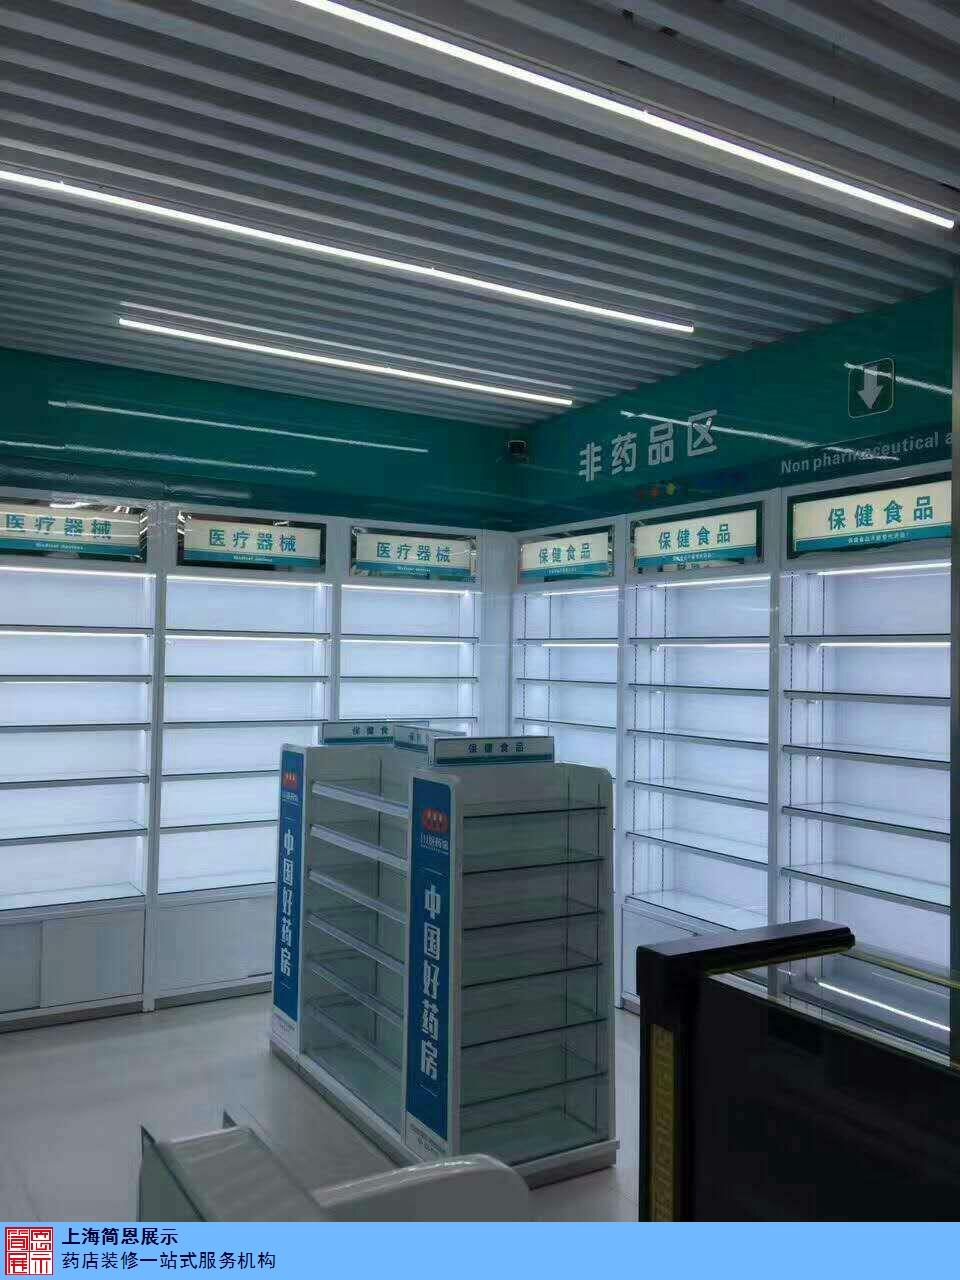 湖南藥店醫藥貨架多少錢